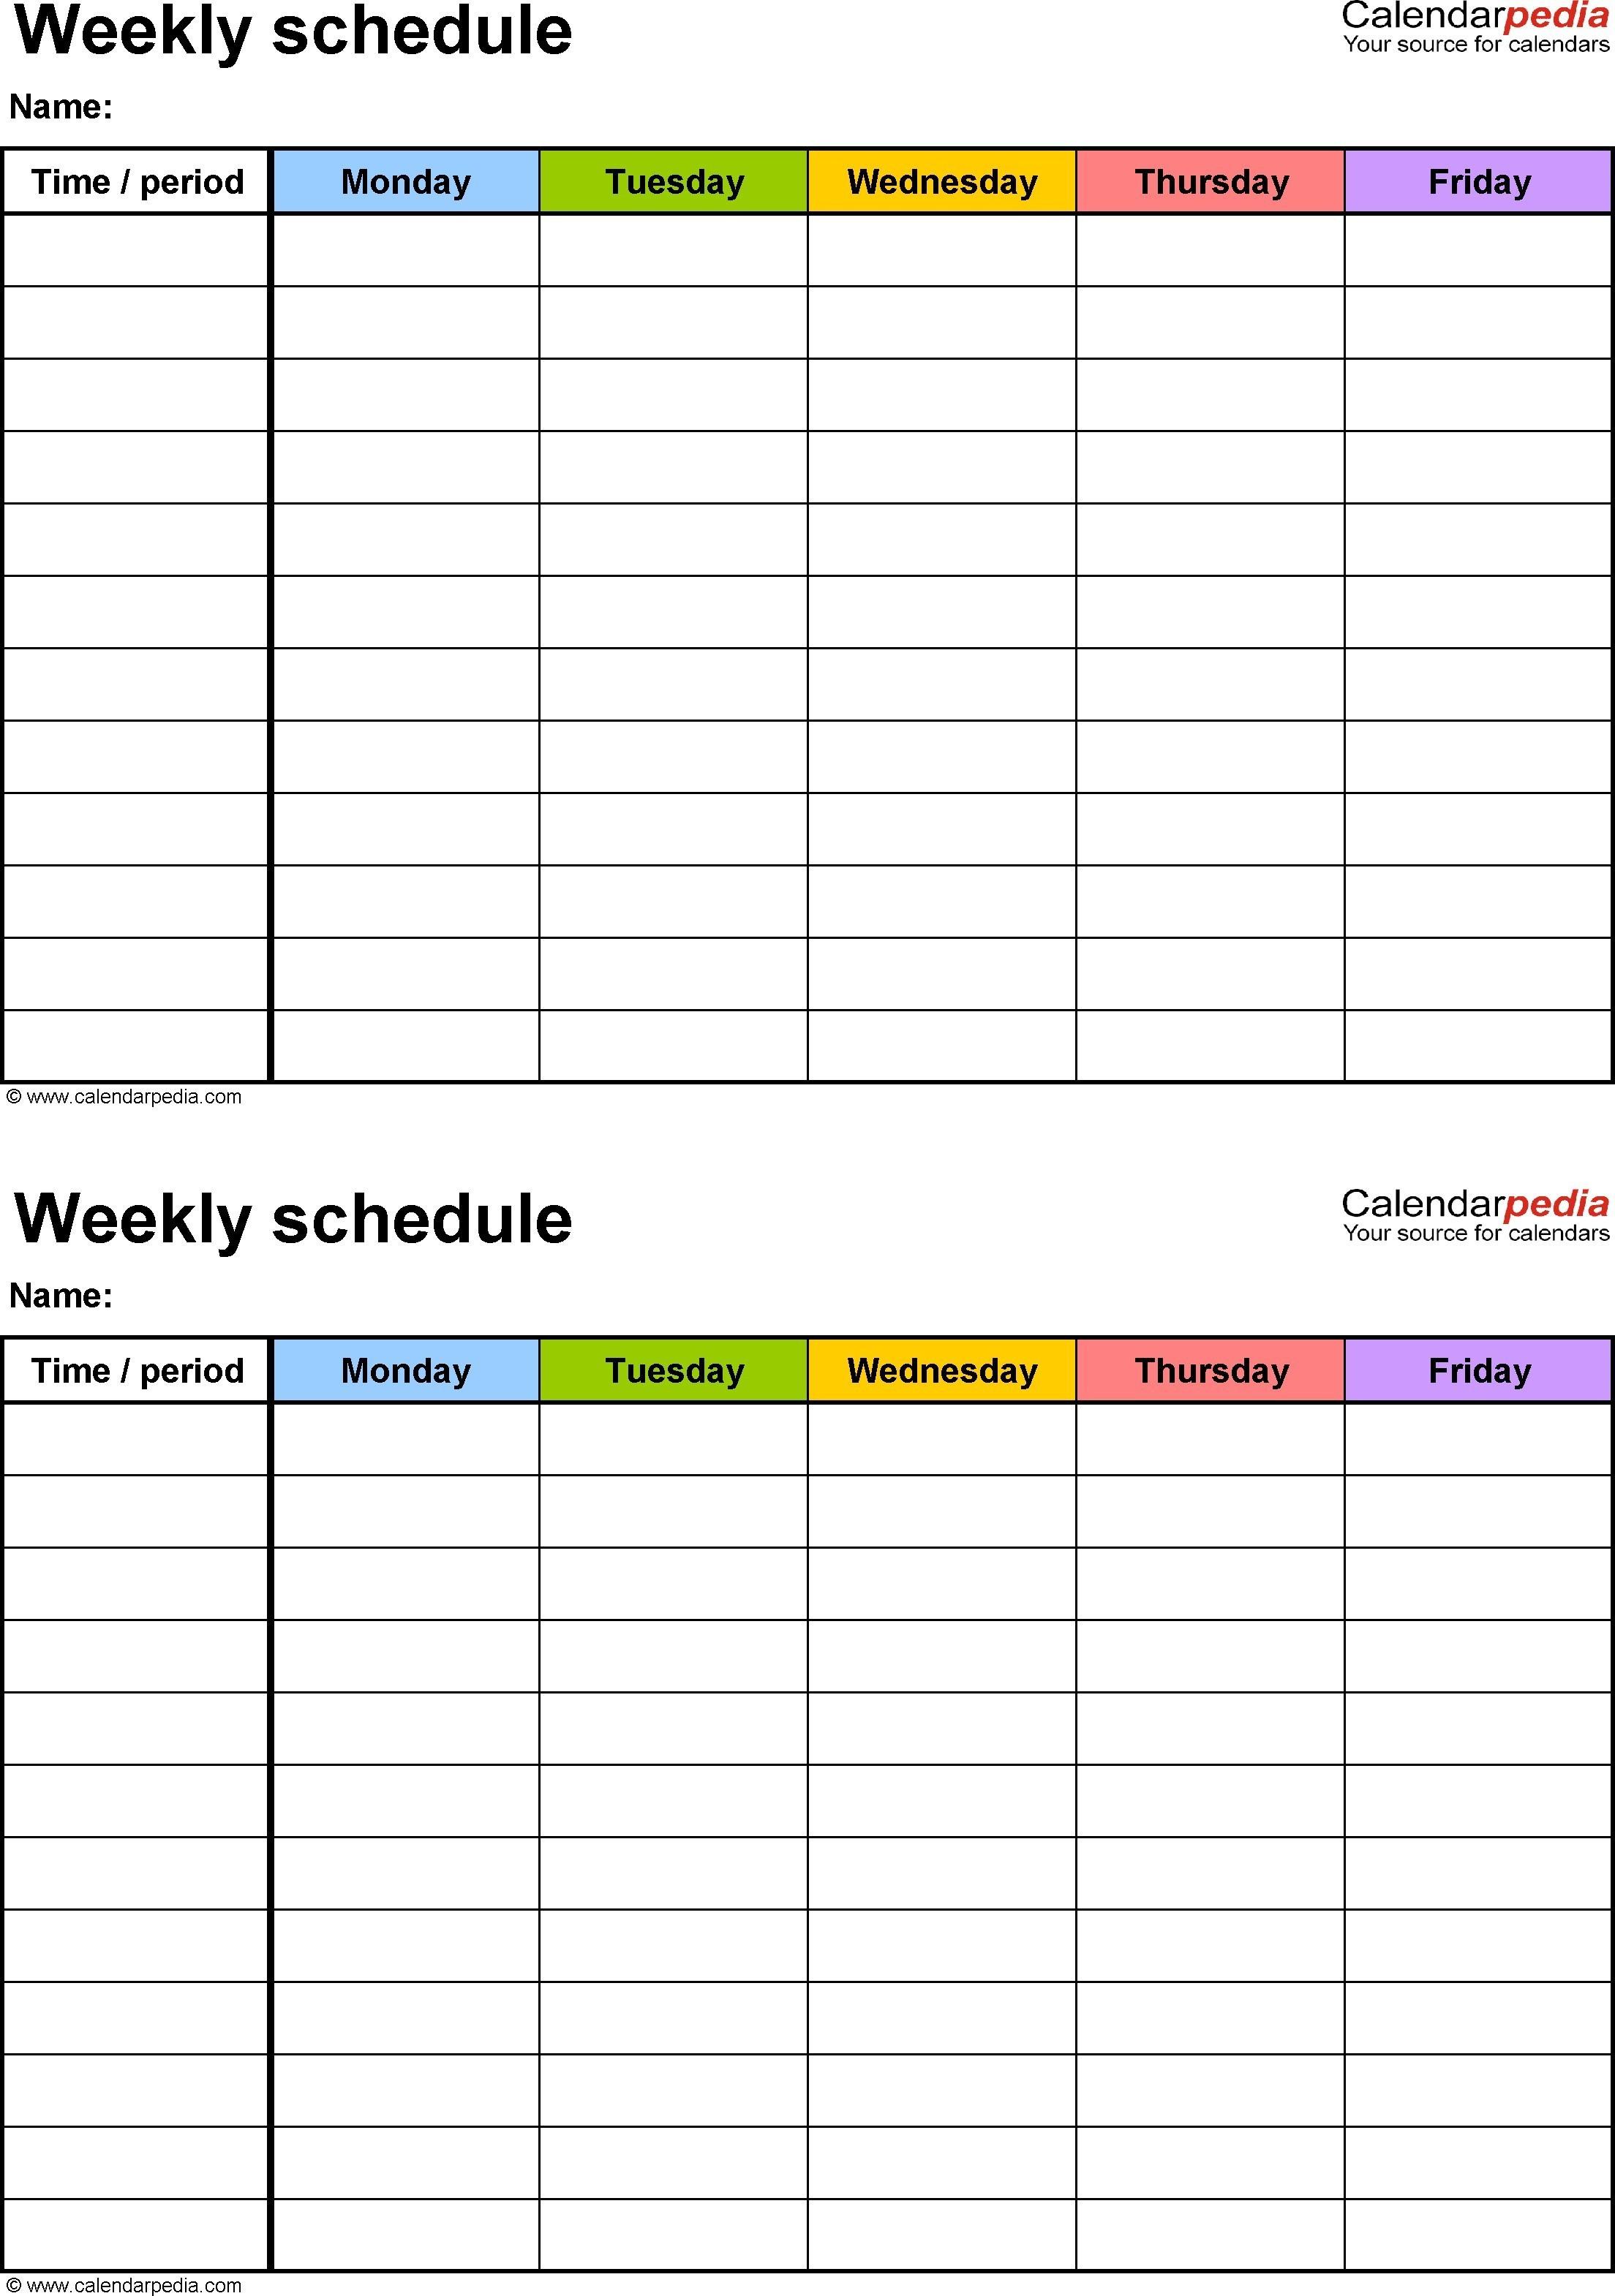 Calendario Do Pis Em 2019 Recientes Create Monthly Calendar Hourly Schedule Excel Hourly Calendar